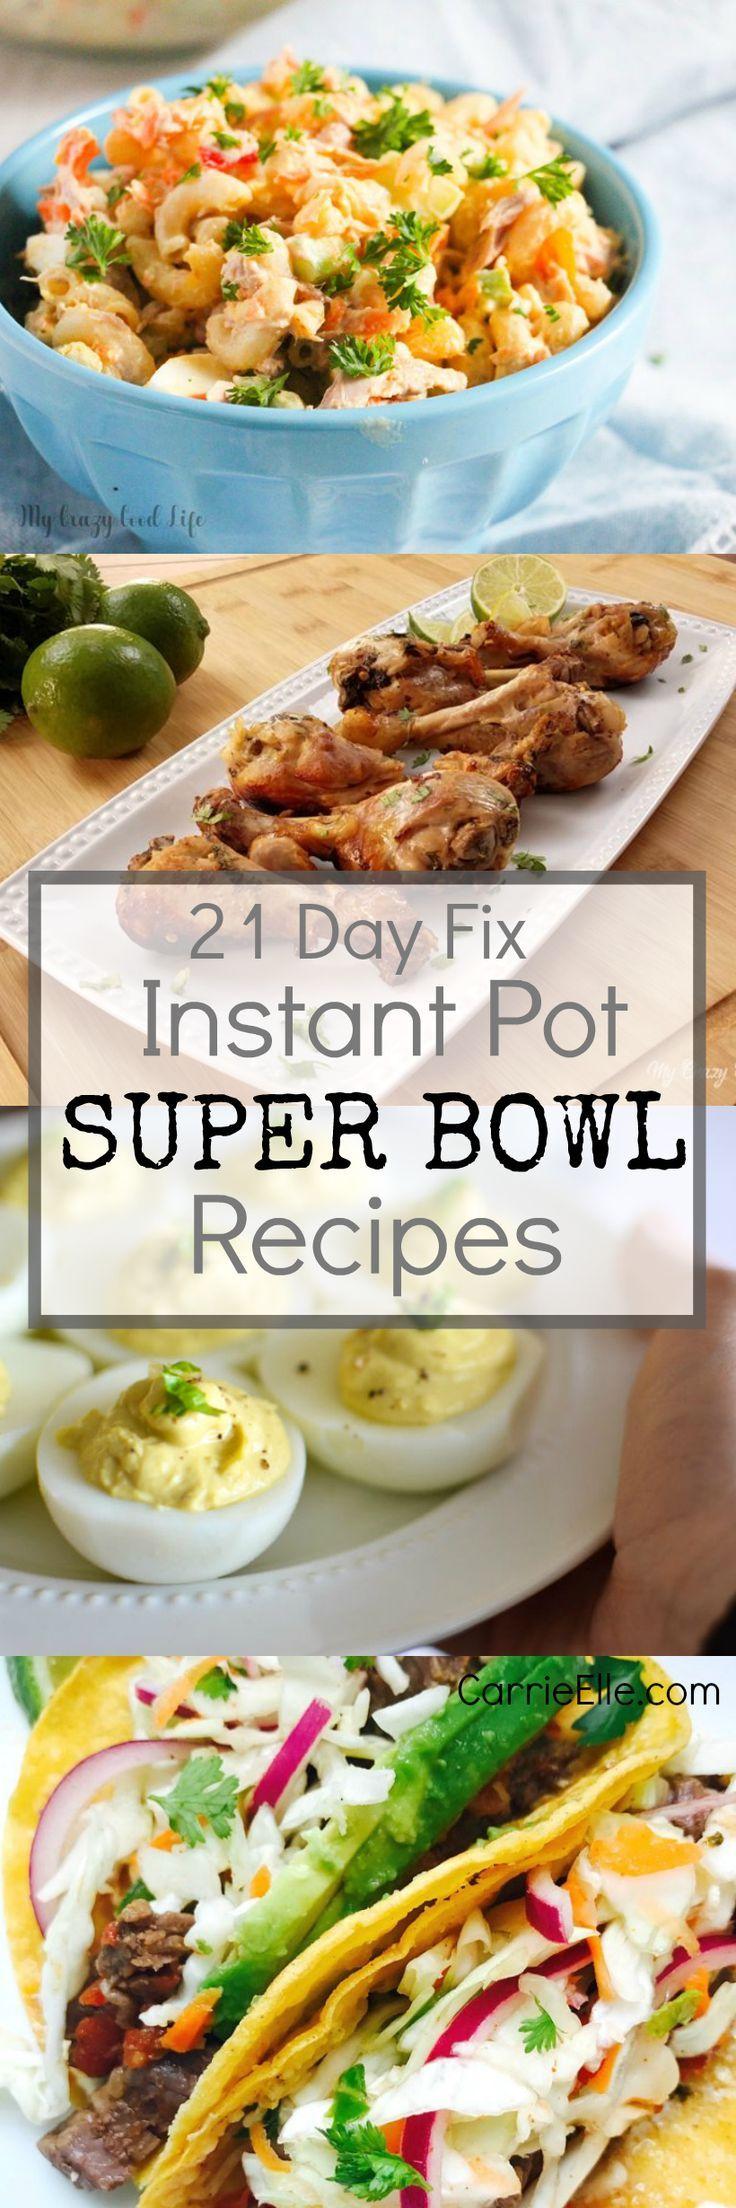 21 Day Fix Instant Pot Super Bowl Recipes